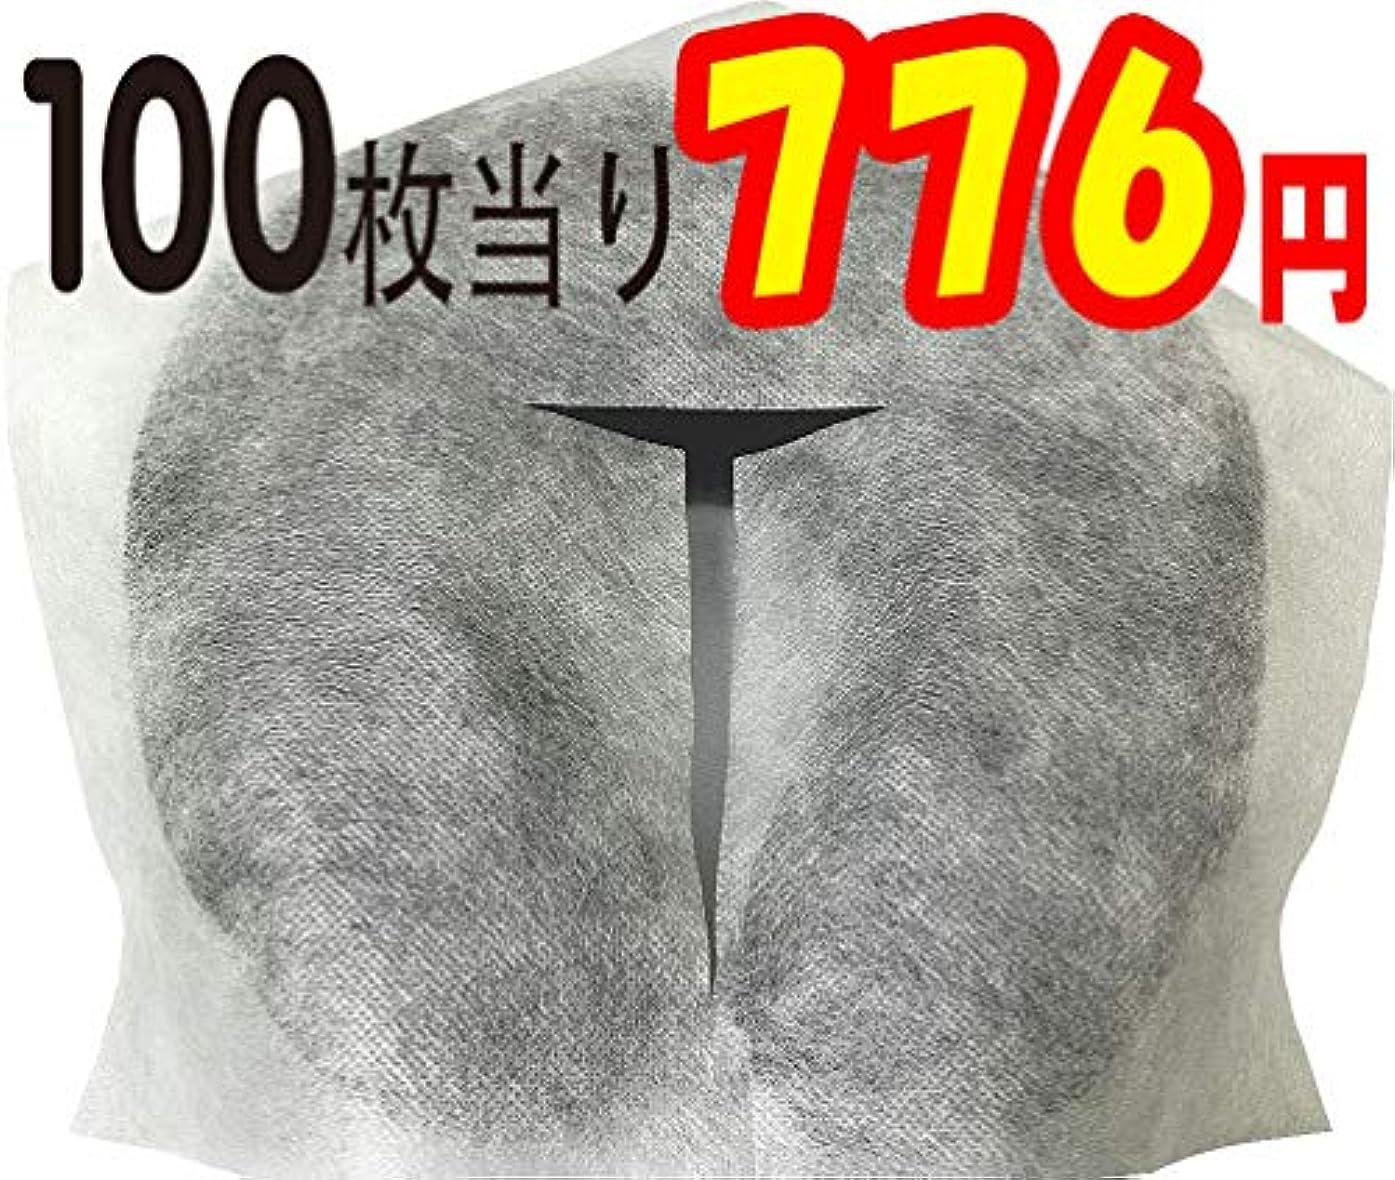 グレートバリアリーフ範囲病気の500枚 厚手タイプ、コスパ最高 上質な使い捨て 業務用 顔用 フェイスペーパー フェイスシート フェイスカバー ピローカバー 枕カバー マクラカバー